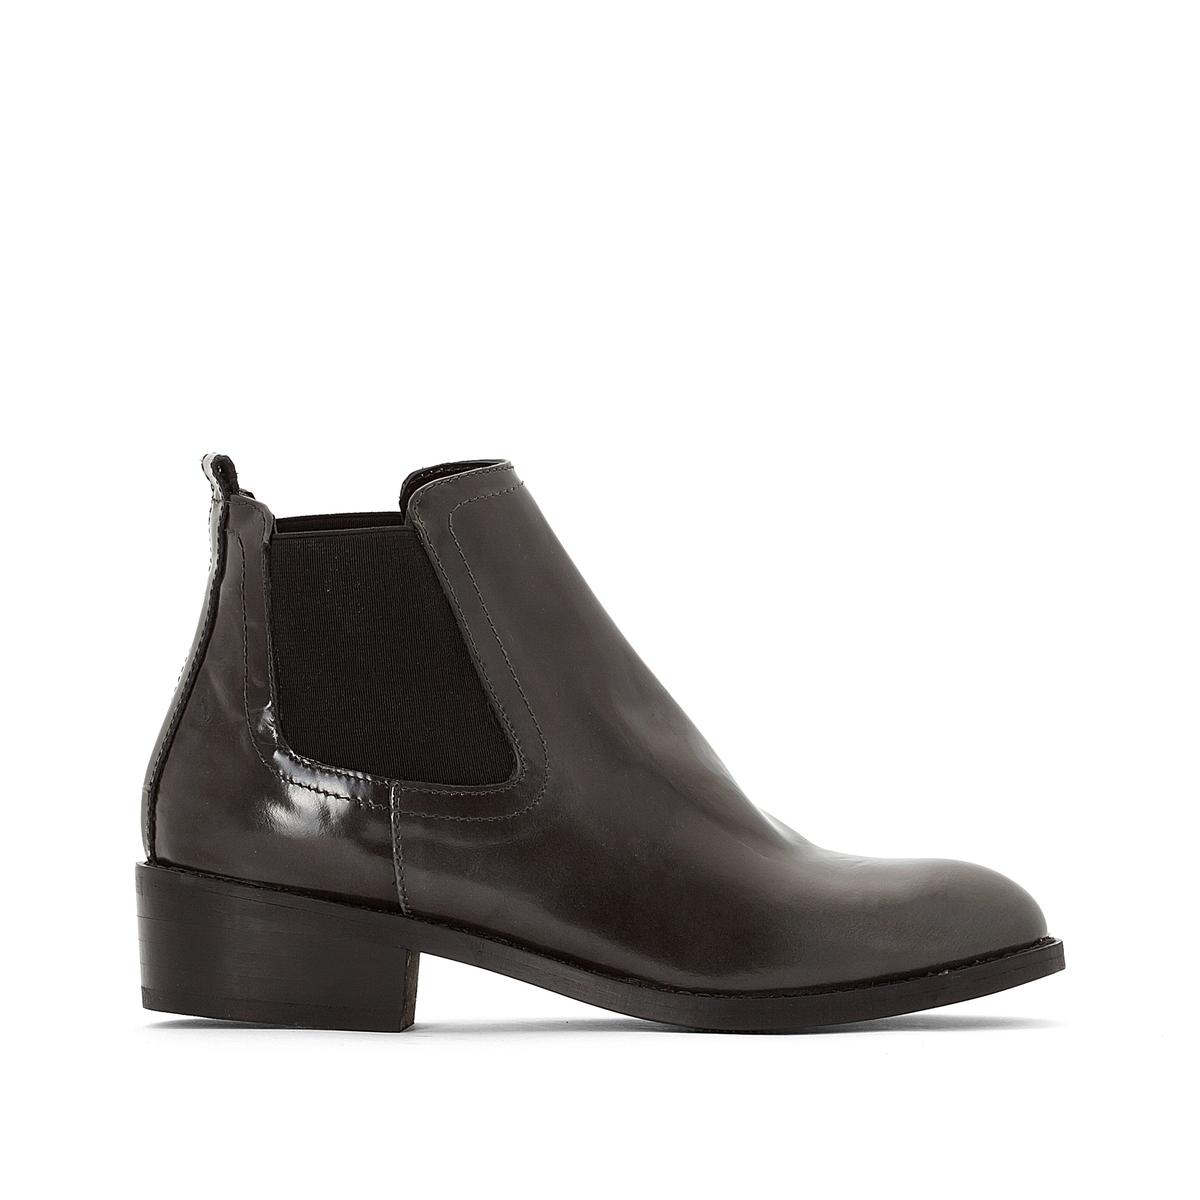 Ботинки кожаные на плоском каблуке RevaПодкладка : Кожа.   Подошва : Эластомер   Высота голенища : 13 см   Высота каблука : 3 см   Форма каблука : Плоский каблук   Мысок : Закругленный   Застежка : без застежки<br><br>Цвет: серый<br>Размер: 39.38.37.40